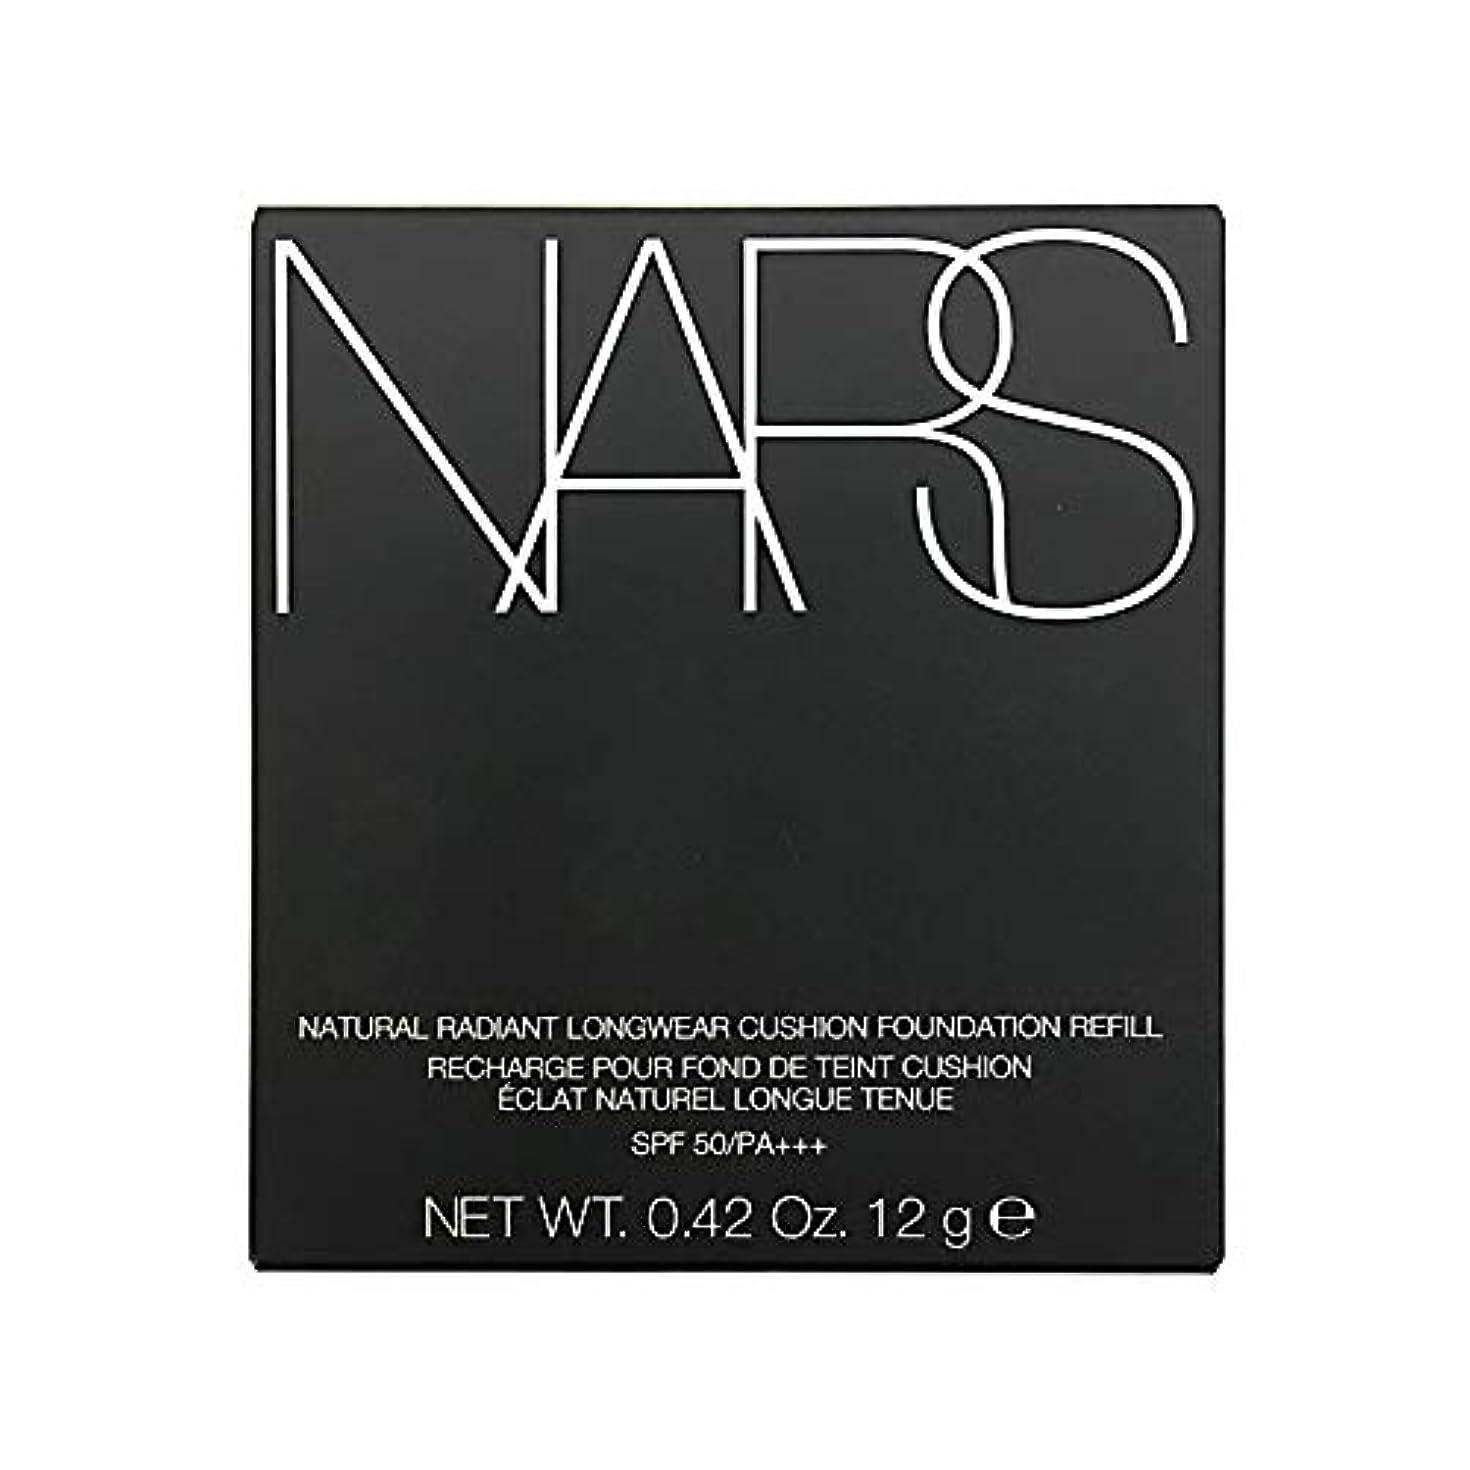 コンピューターを使用する学部長とげナーズ/NARS ナチュラルラディアント ロングウェア クッションファンデーション(レフィル)#5878 [ クッションファンデ ] [並行輸入品]